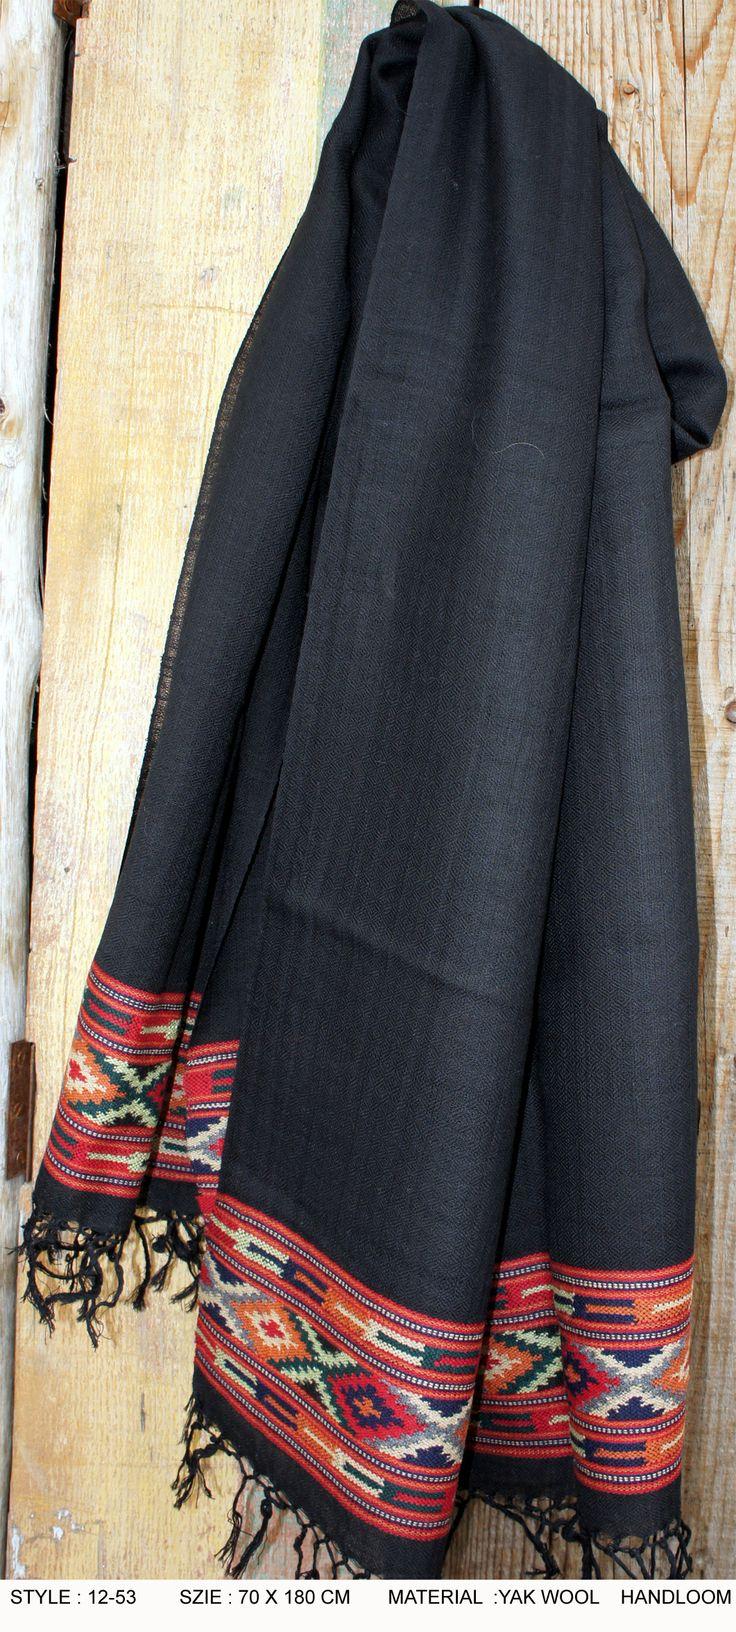 kullu handloom Shawls.... 100% Wool.